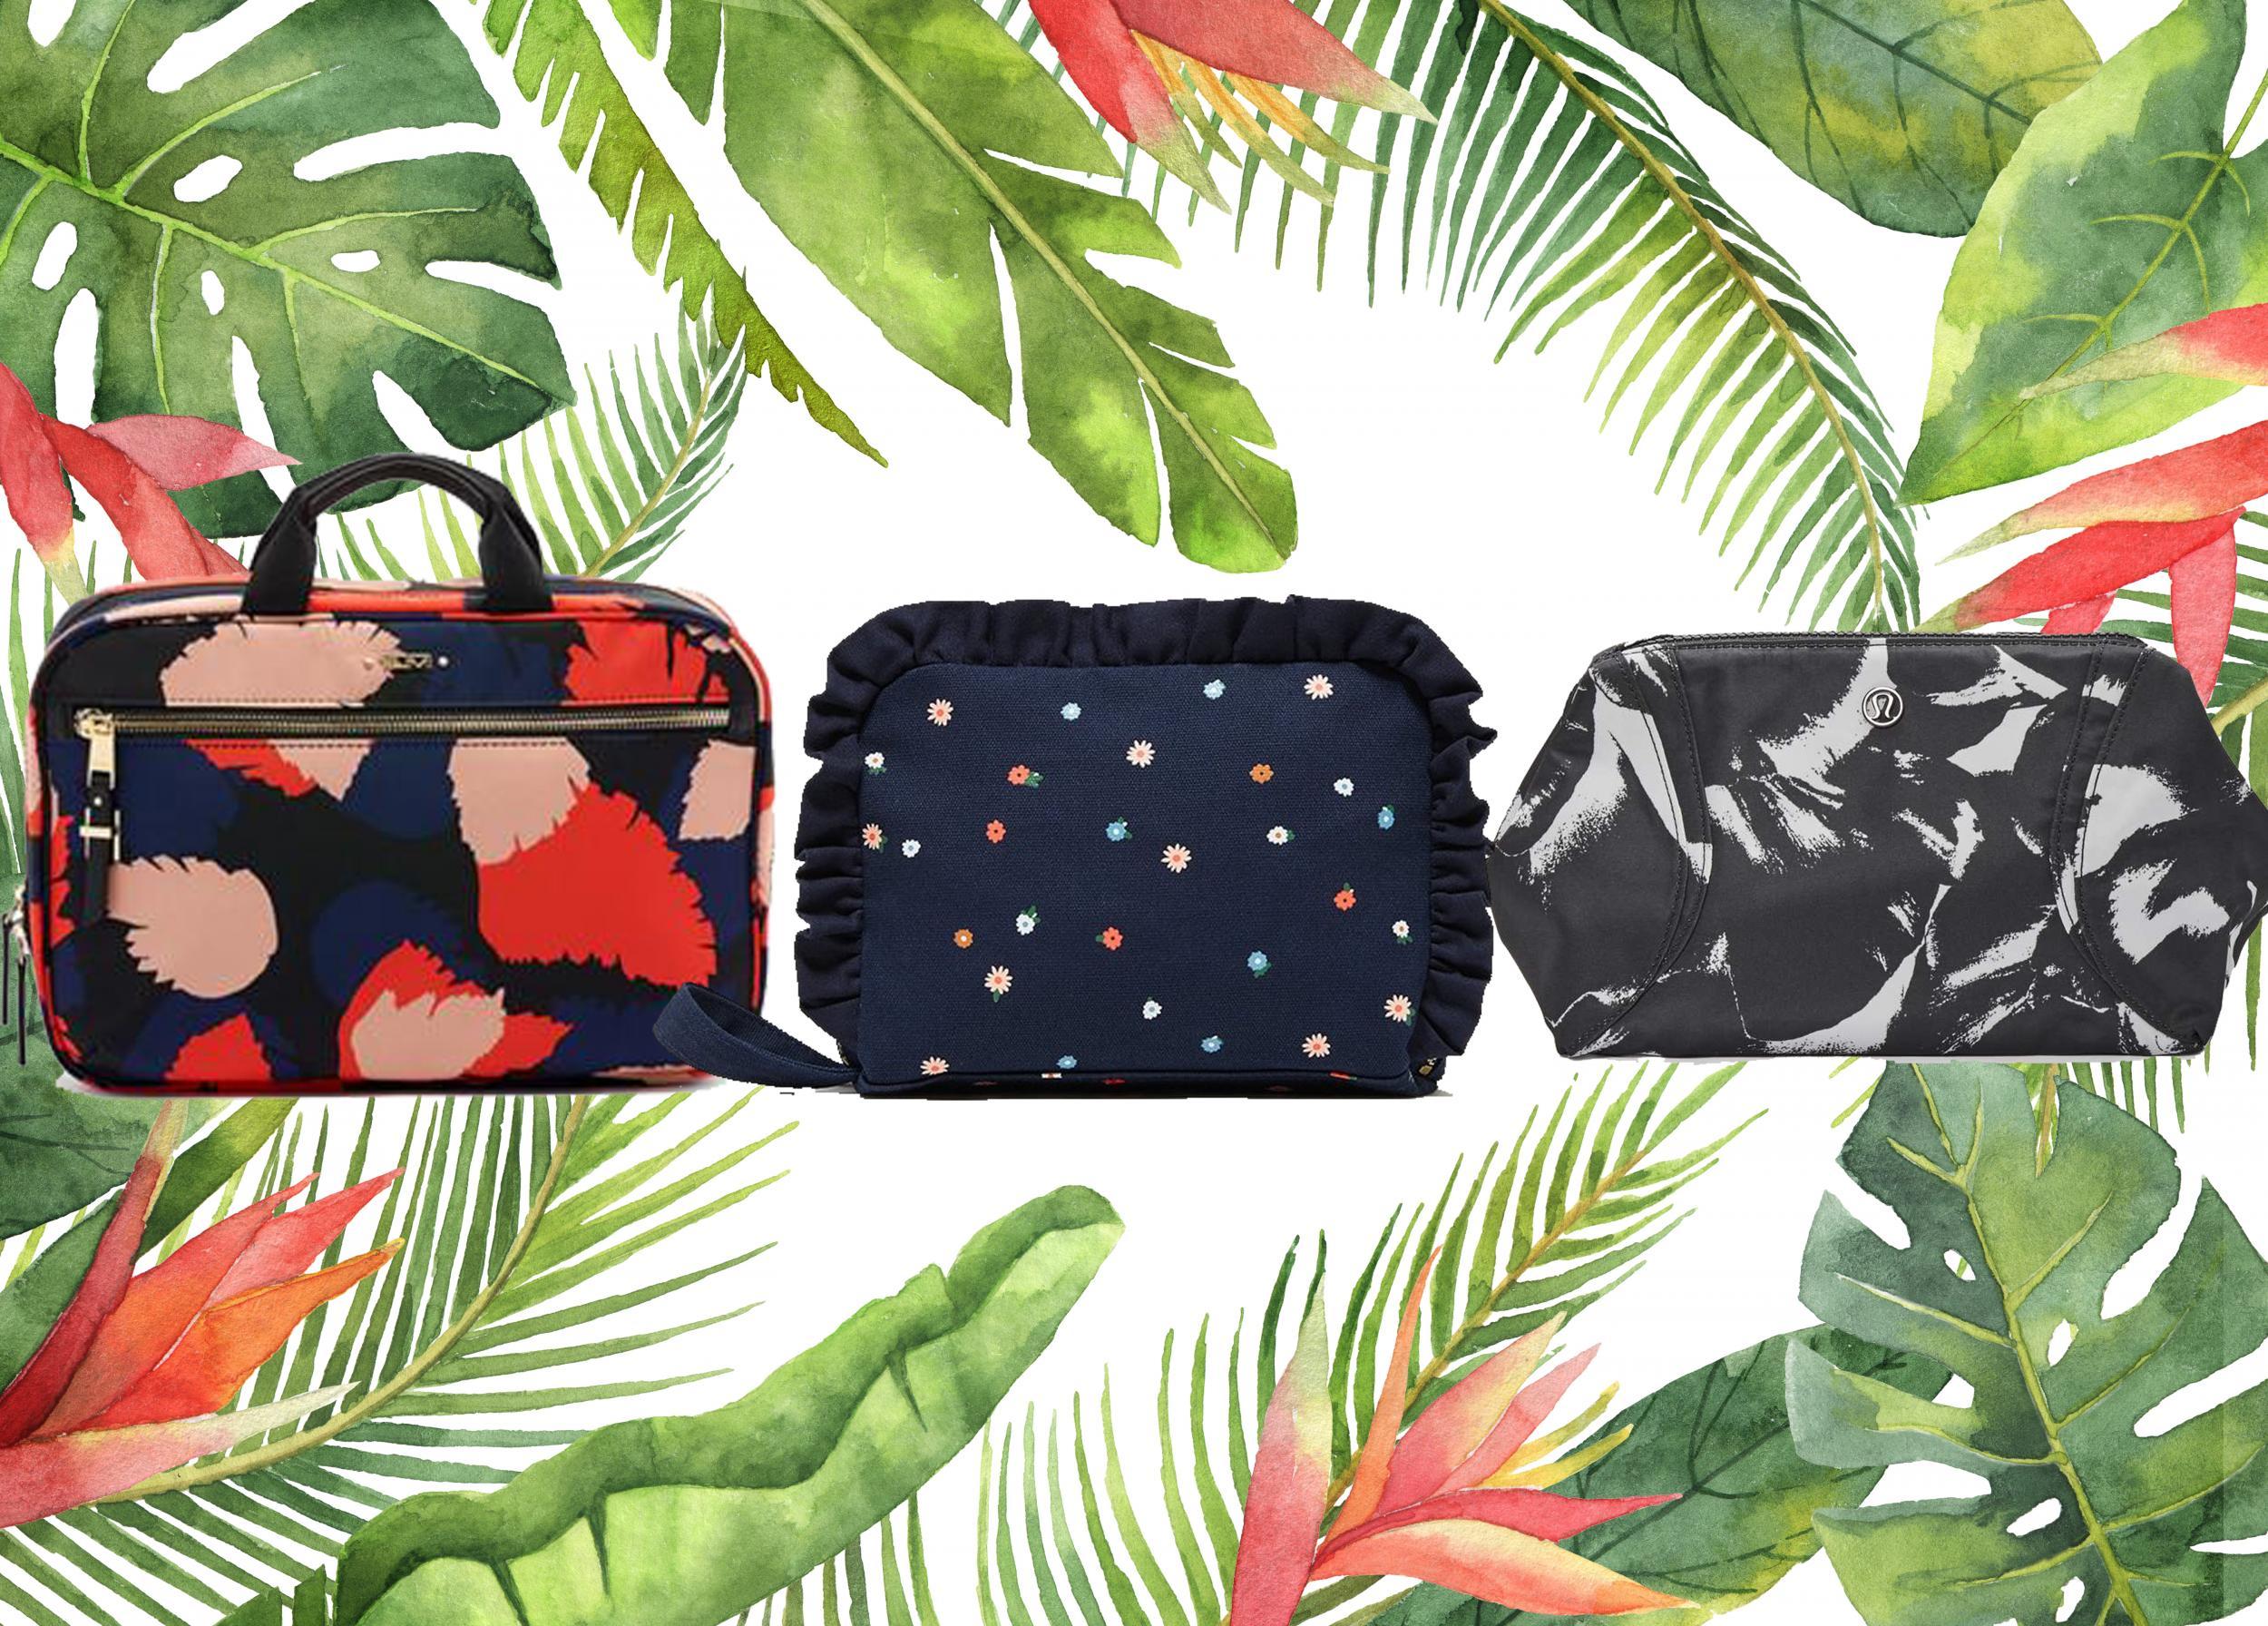 Men/'s Large Washbag Travel Wash Bag 2 compartments WashBag Gifts for Him Washbag